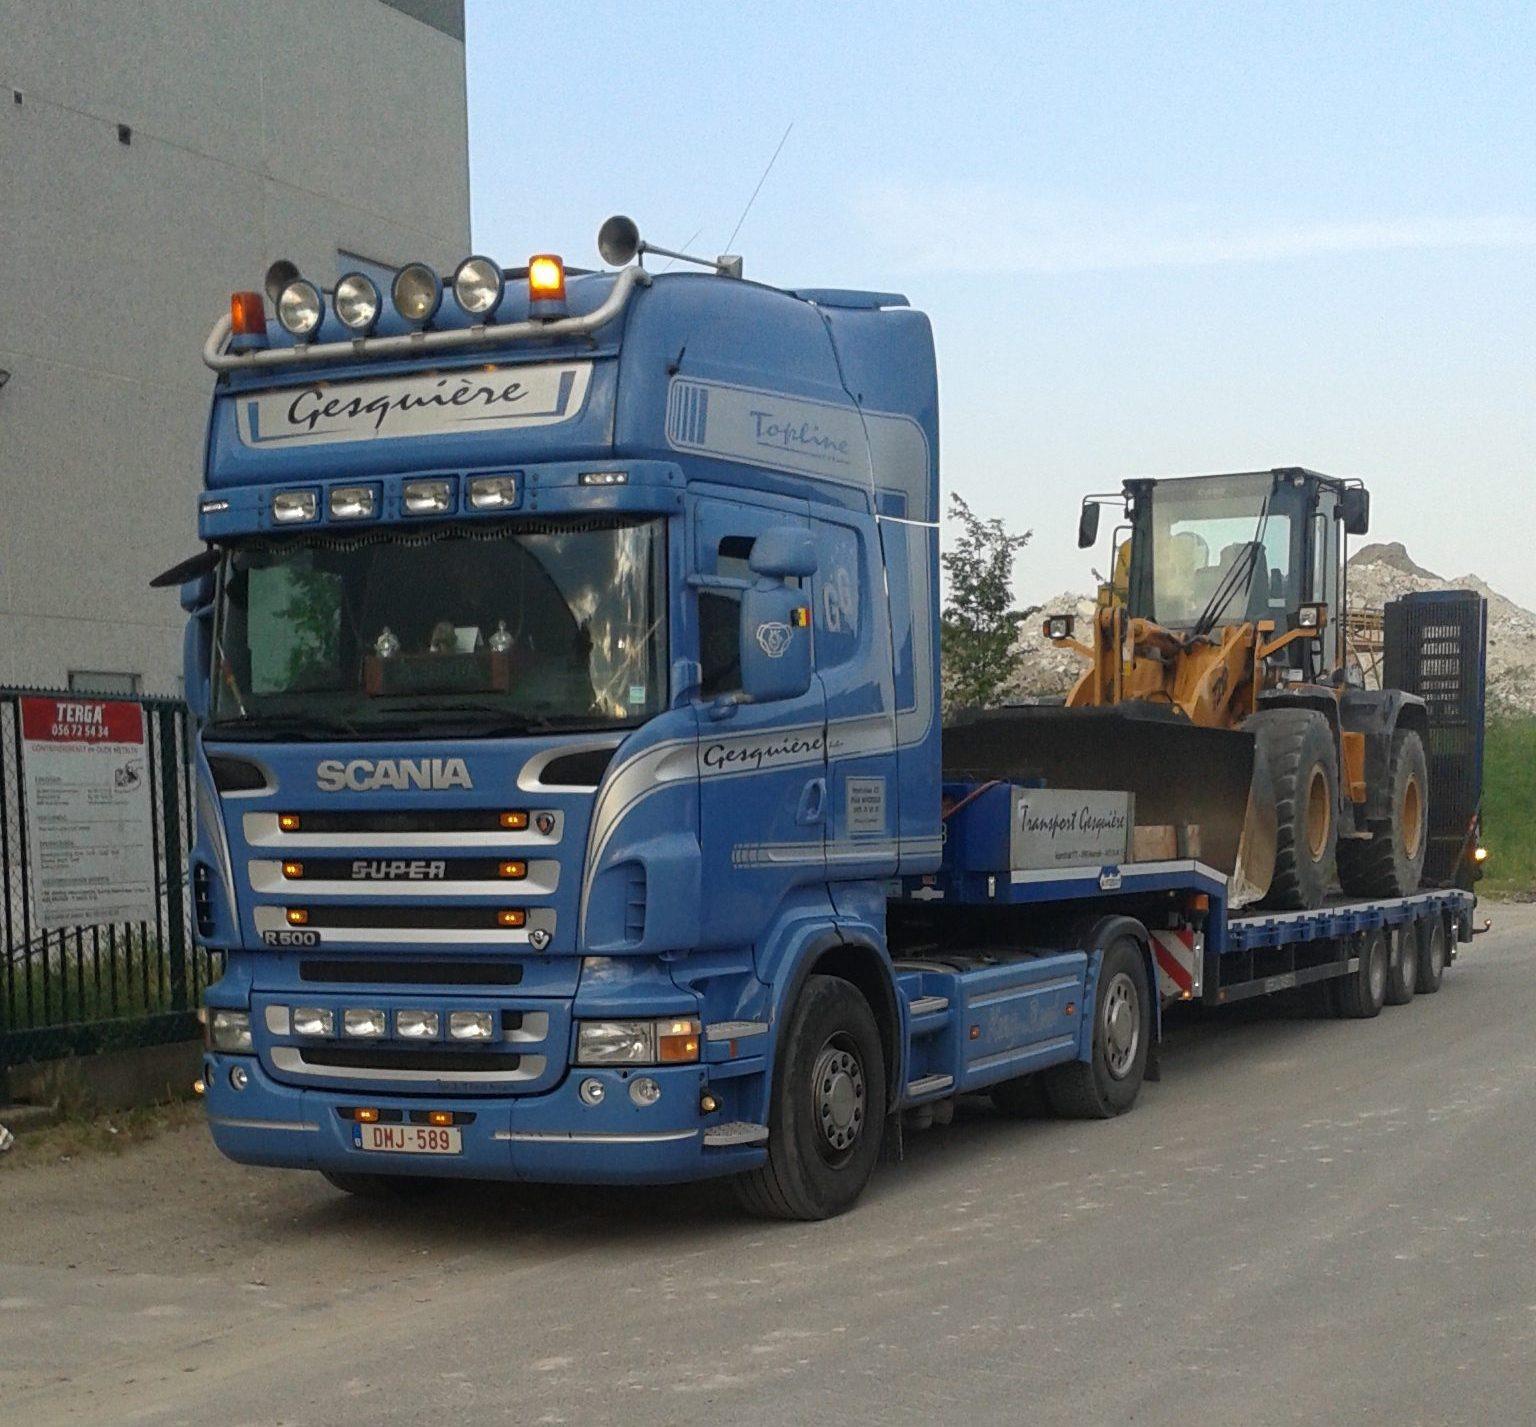 Transport rollend materieel